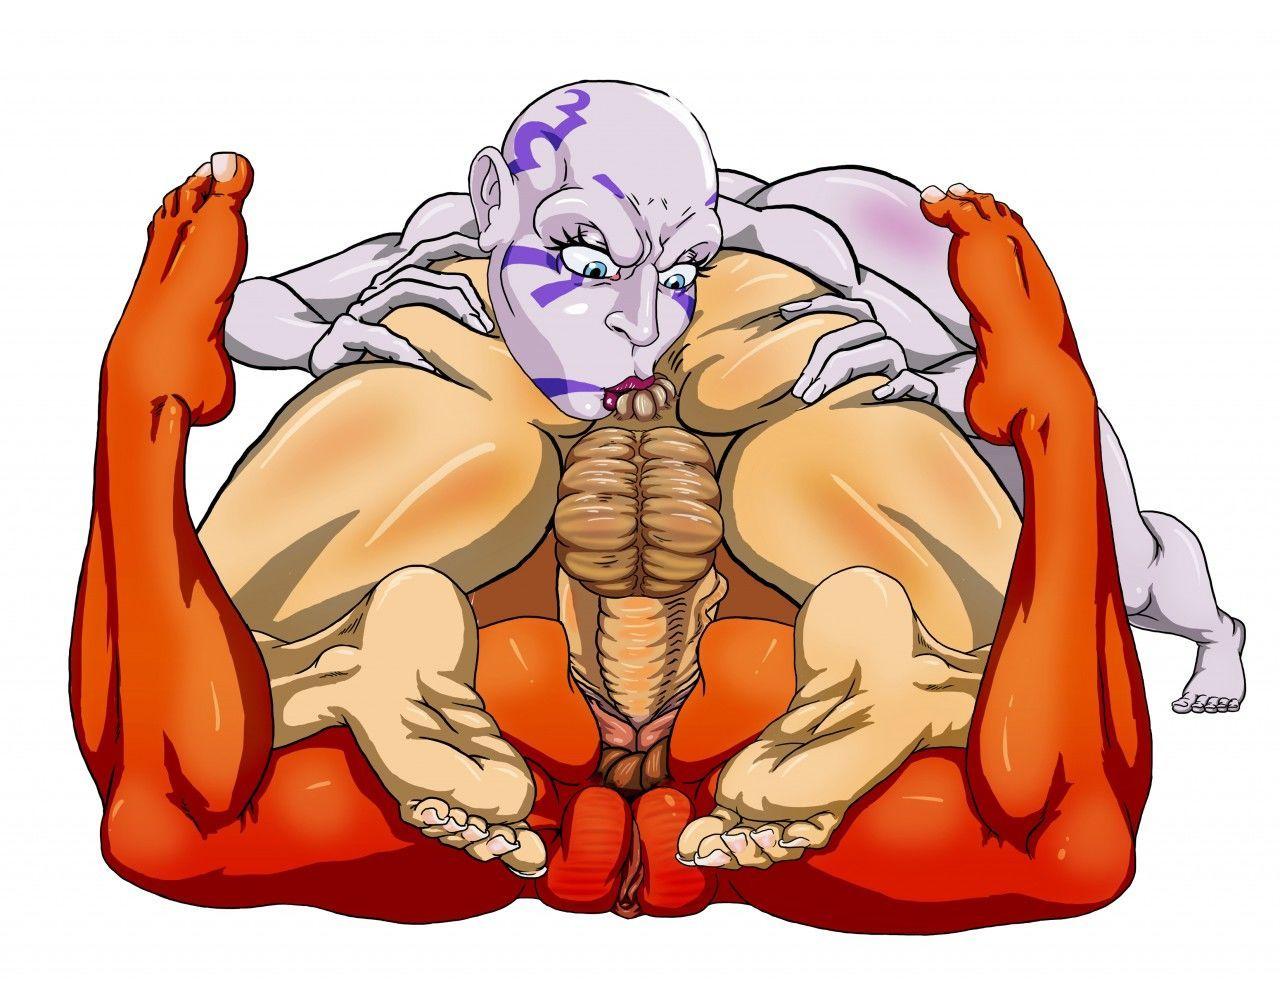 Porn asajj ventress Obi